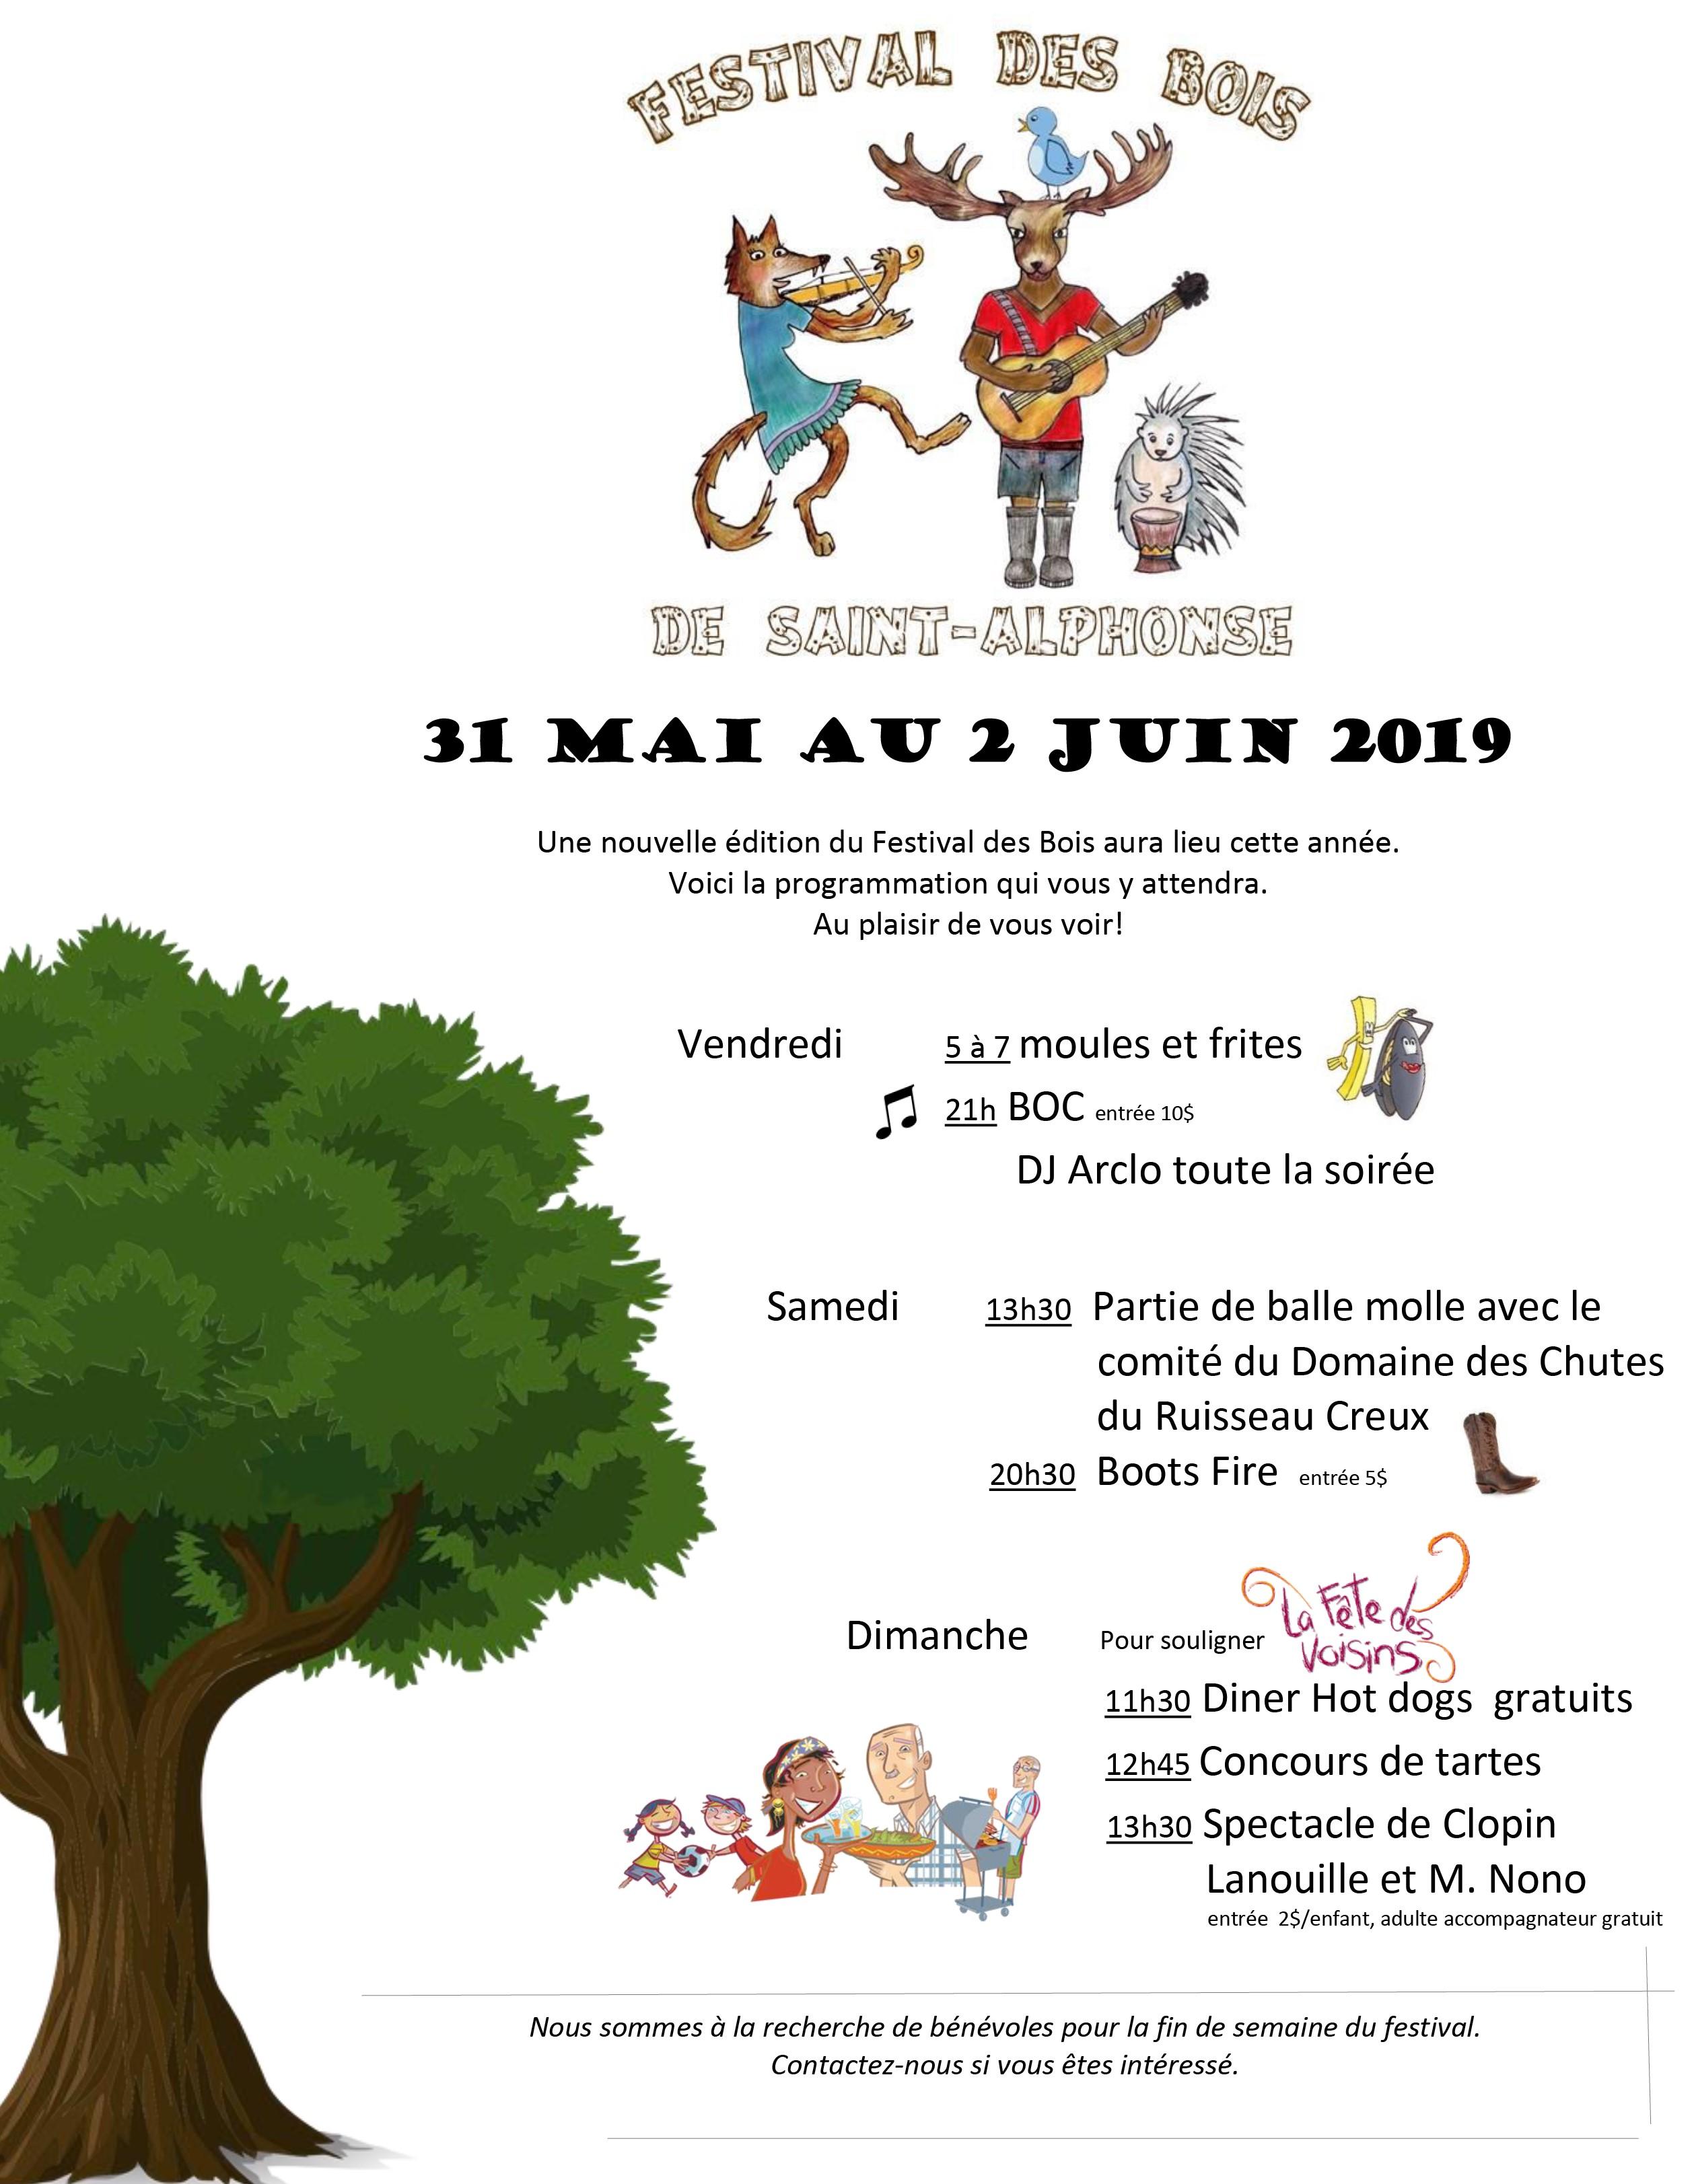 Festival des bois